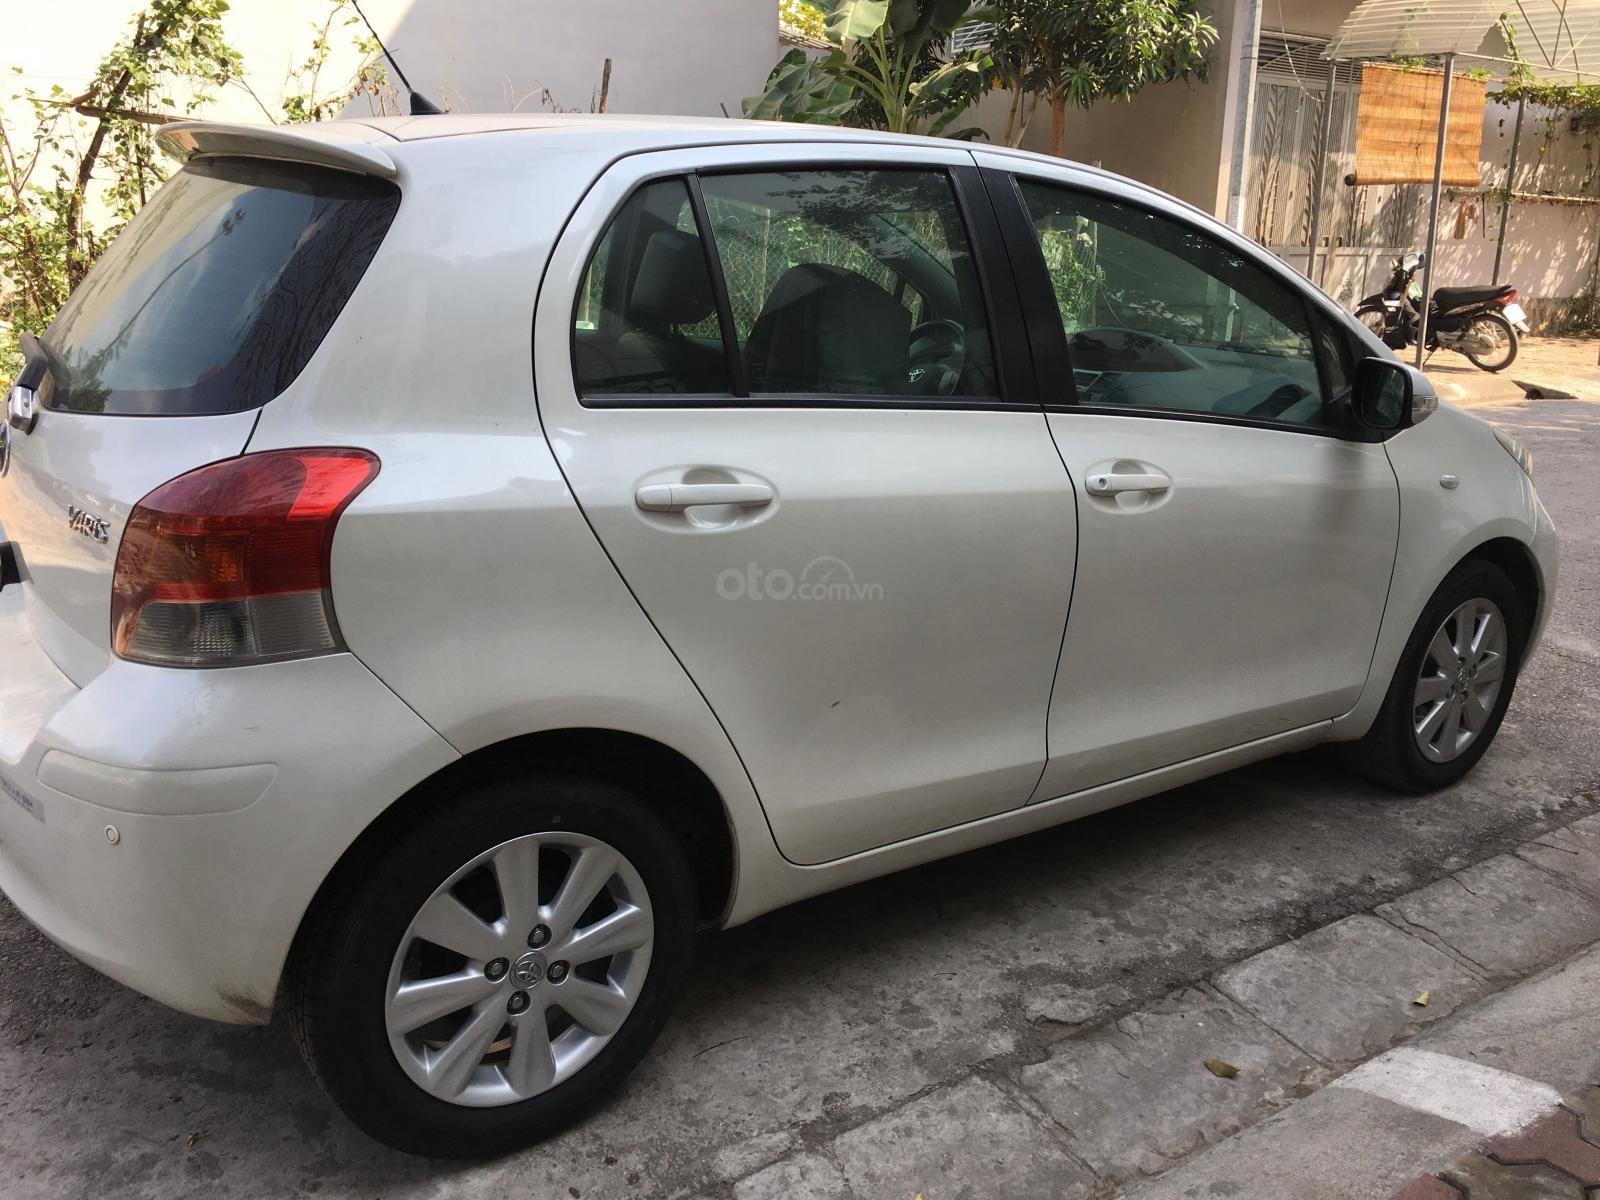 Cần bán lại xe Toyota Yaris đăng ký 2009, xe gia đình, giá chỉ 330 triệu đồng (10)